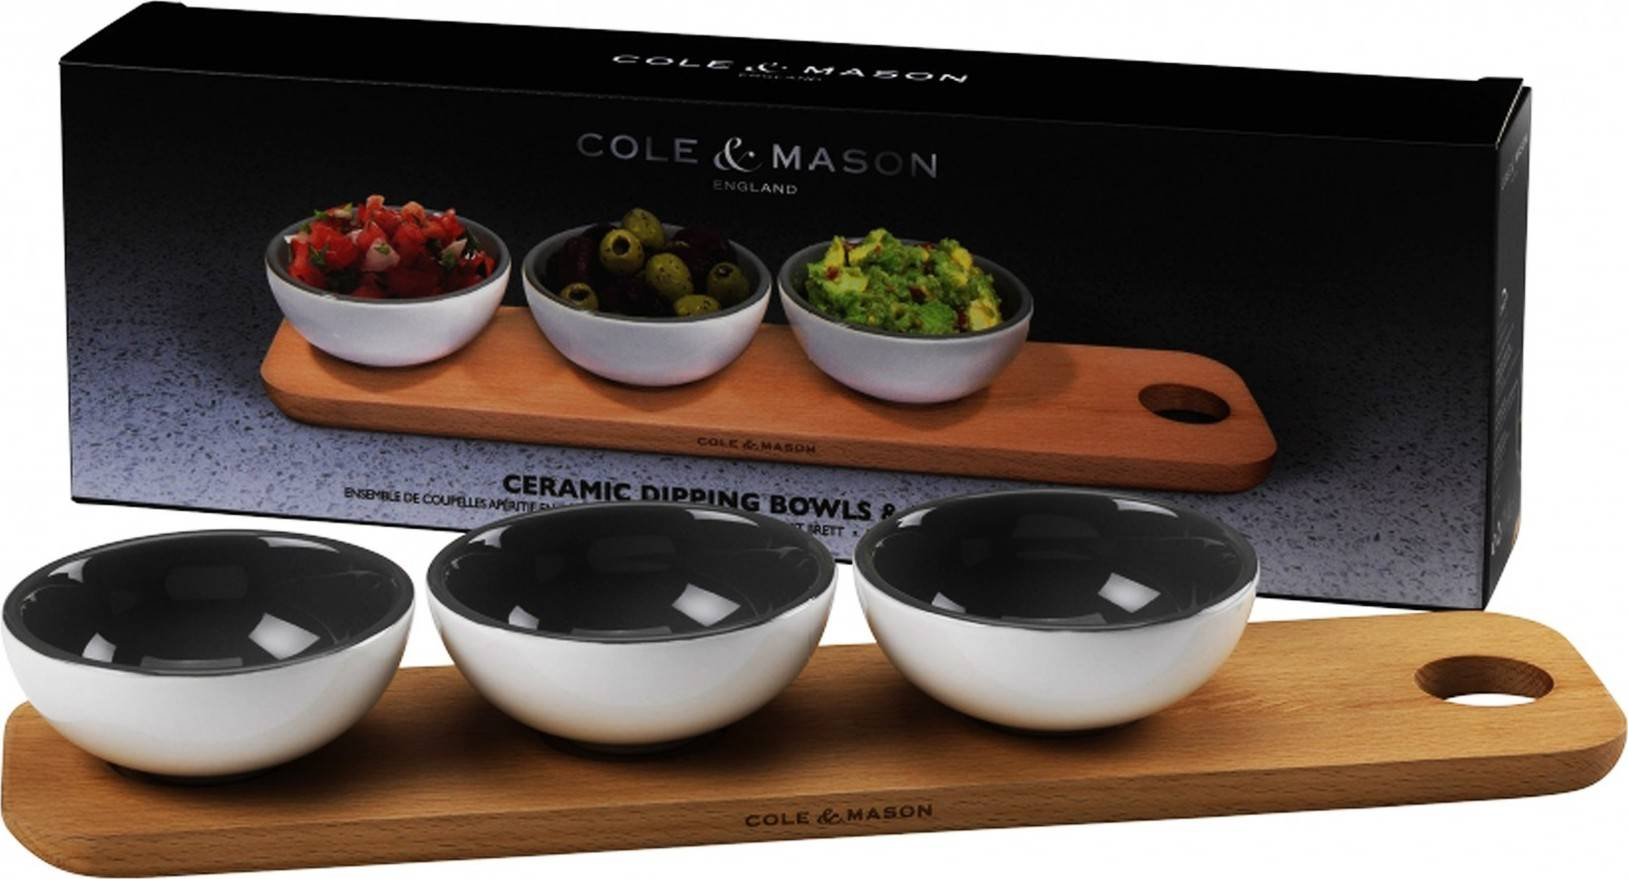 Cole & Mason keramické servírovací misky a prkénko H106269 DKB Household UK Limited